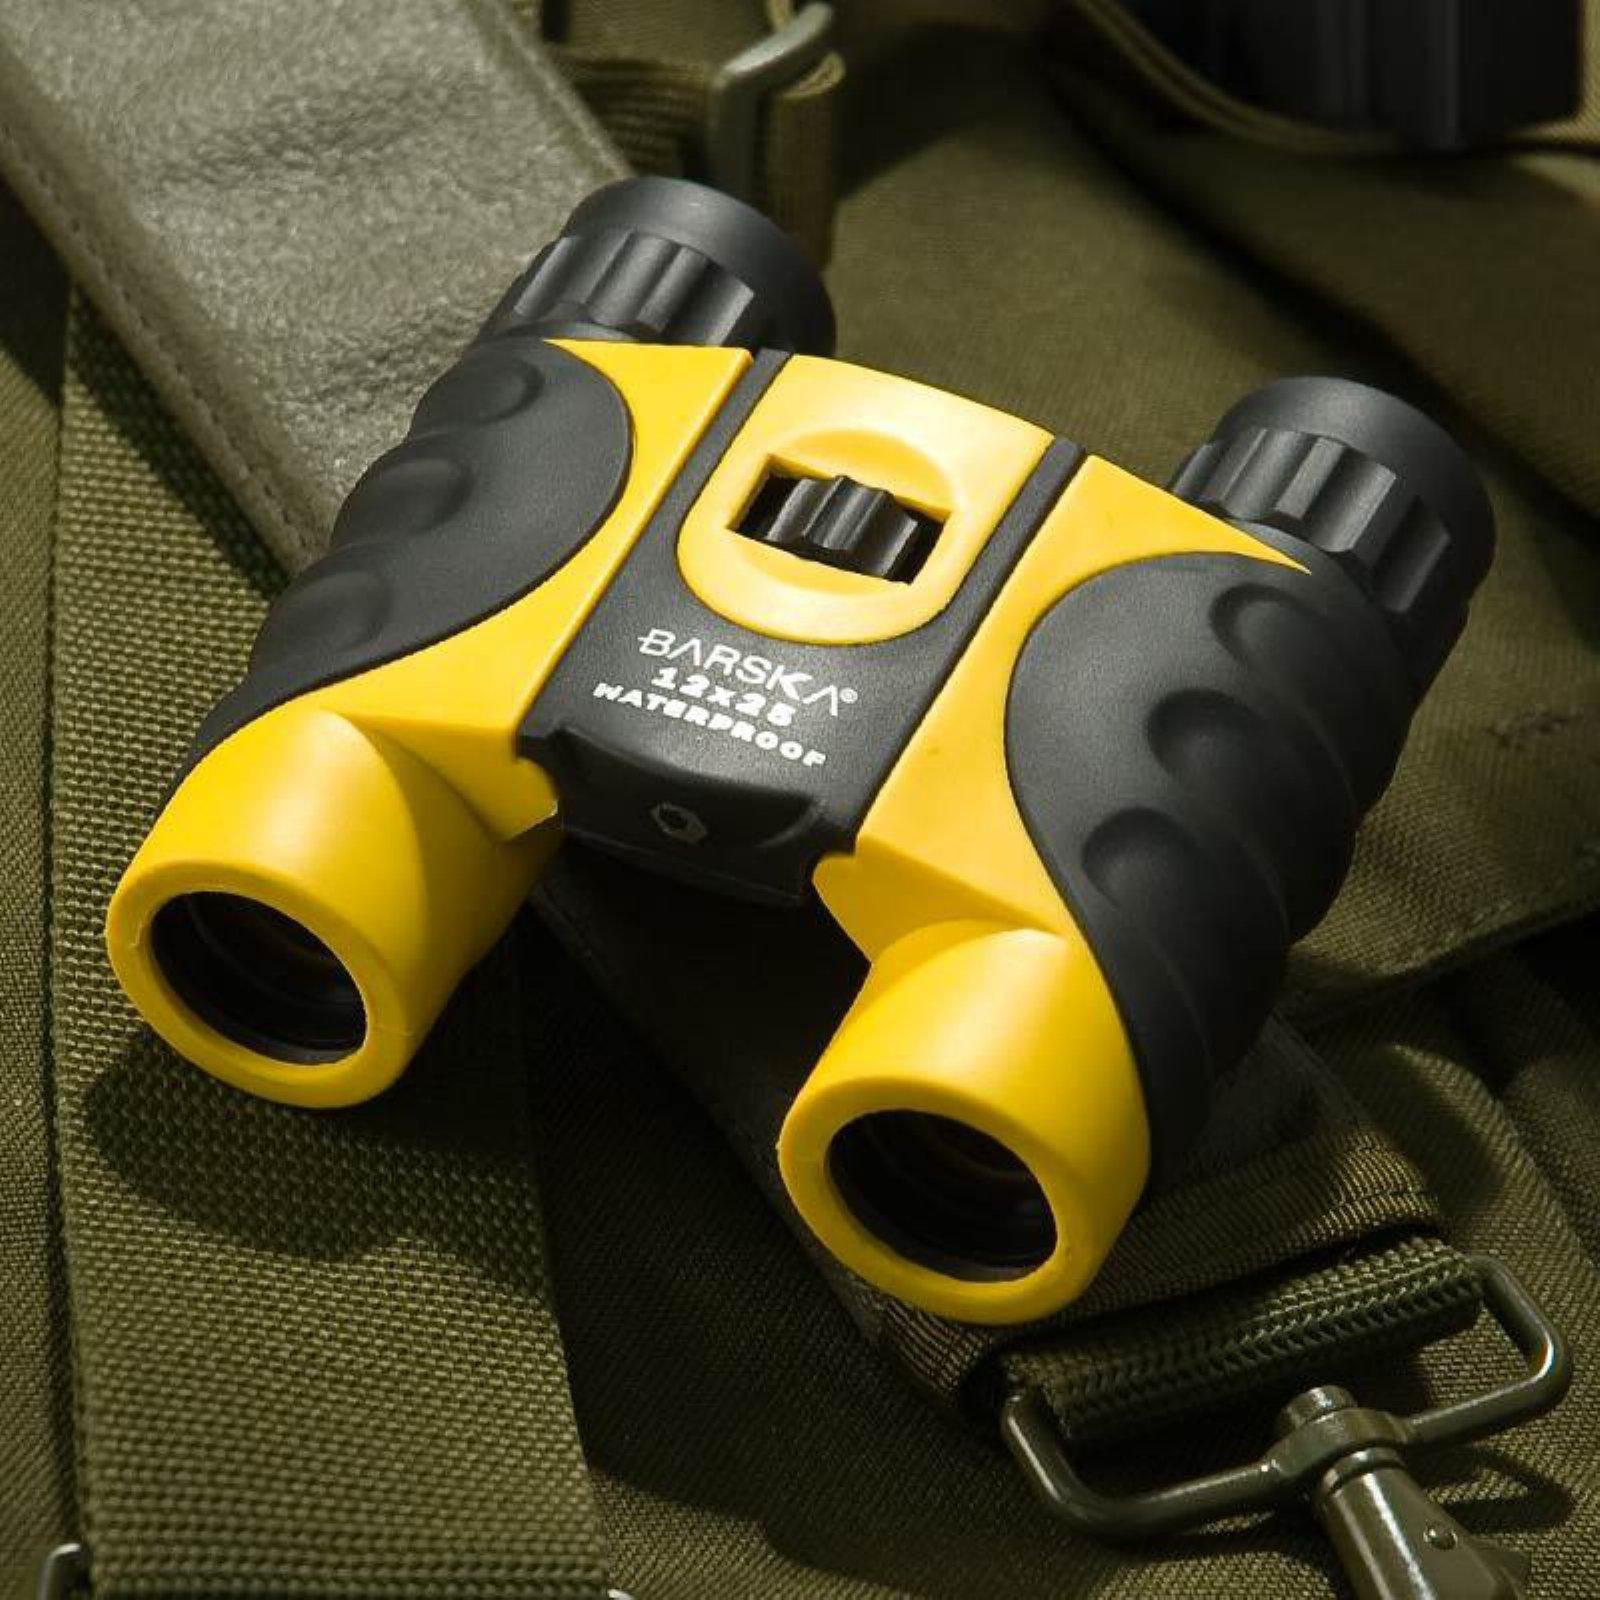 Barska 12x25mm Colorado Waterproof Compact Binoculars by Barska